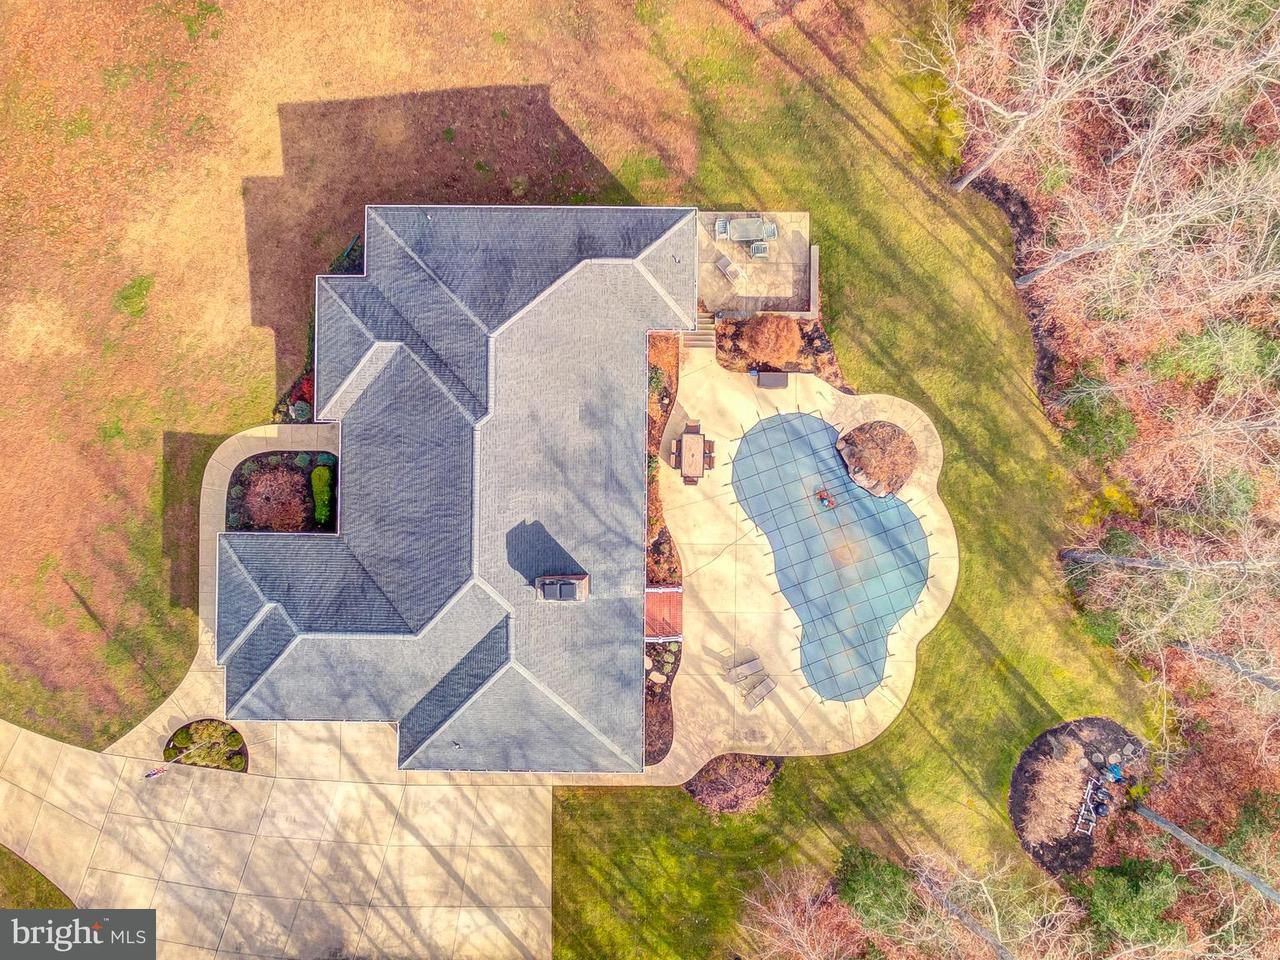 Частный односемейный дом для того Продажа на 11315 CEDARVILLE Road 11315 CEDARVILLE Road Brandywine, Мэриленд 20613 Соединенные Штаты